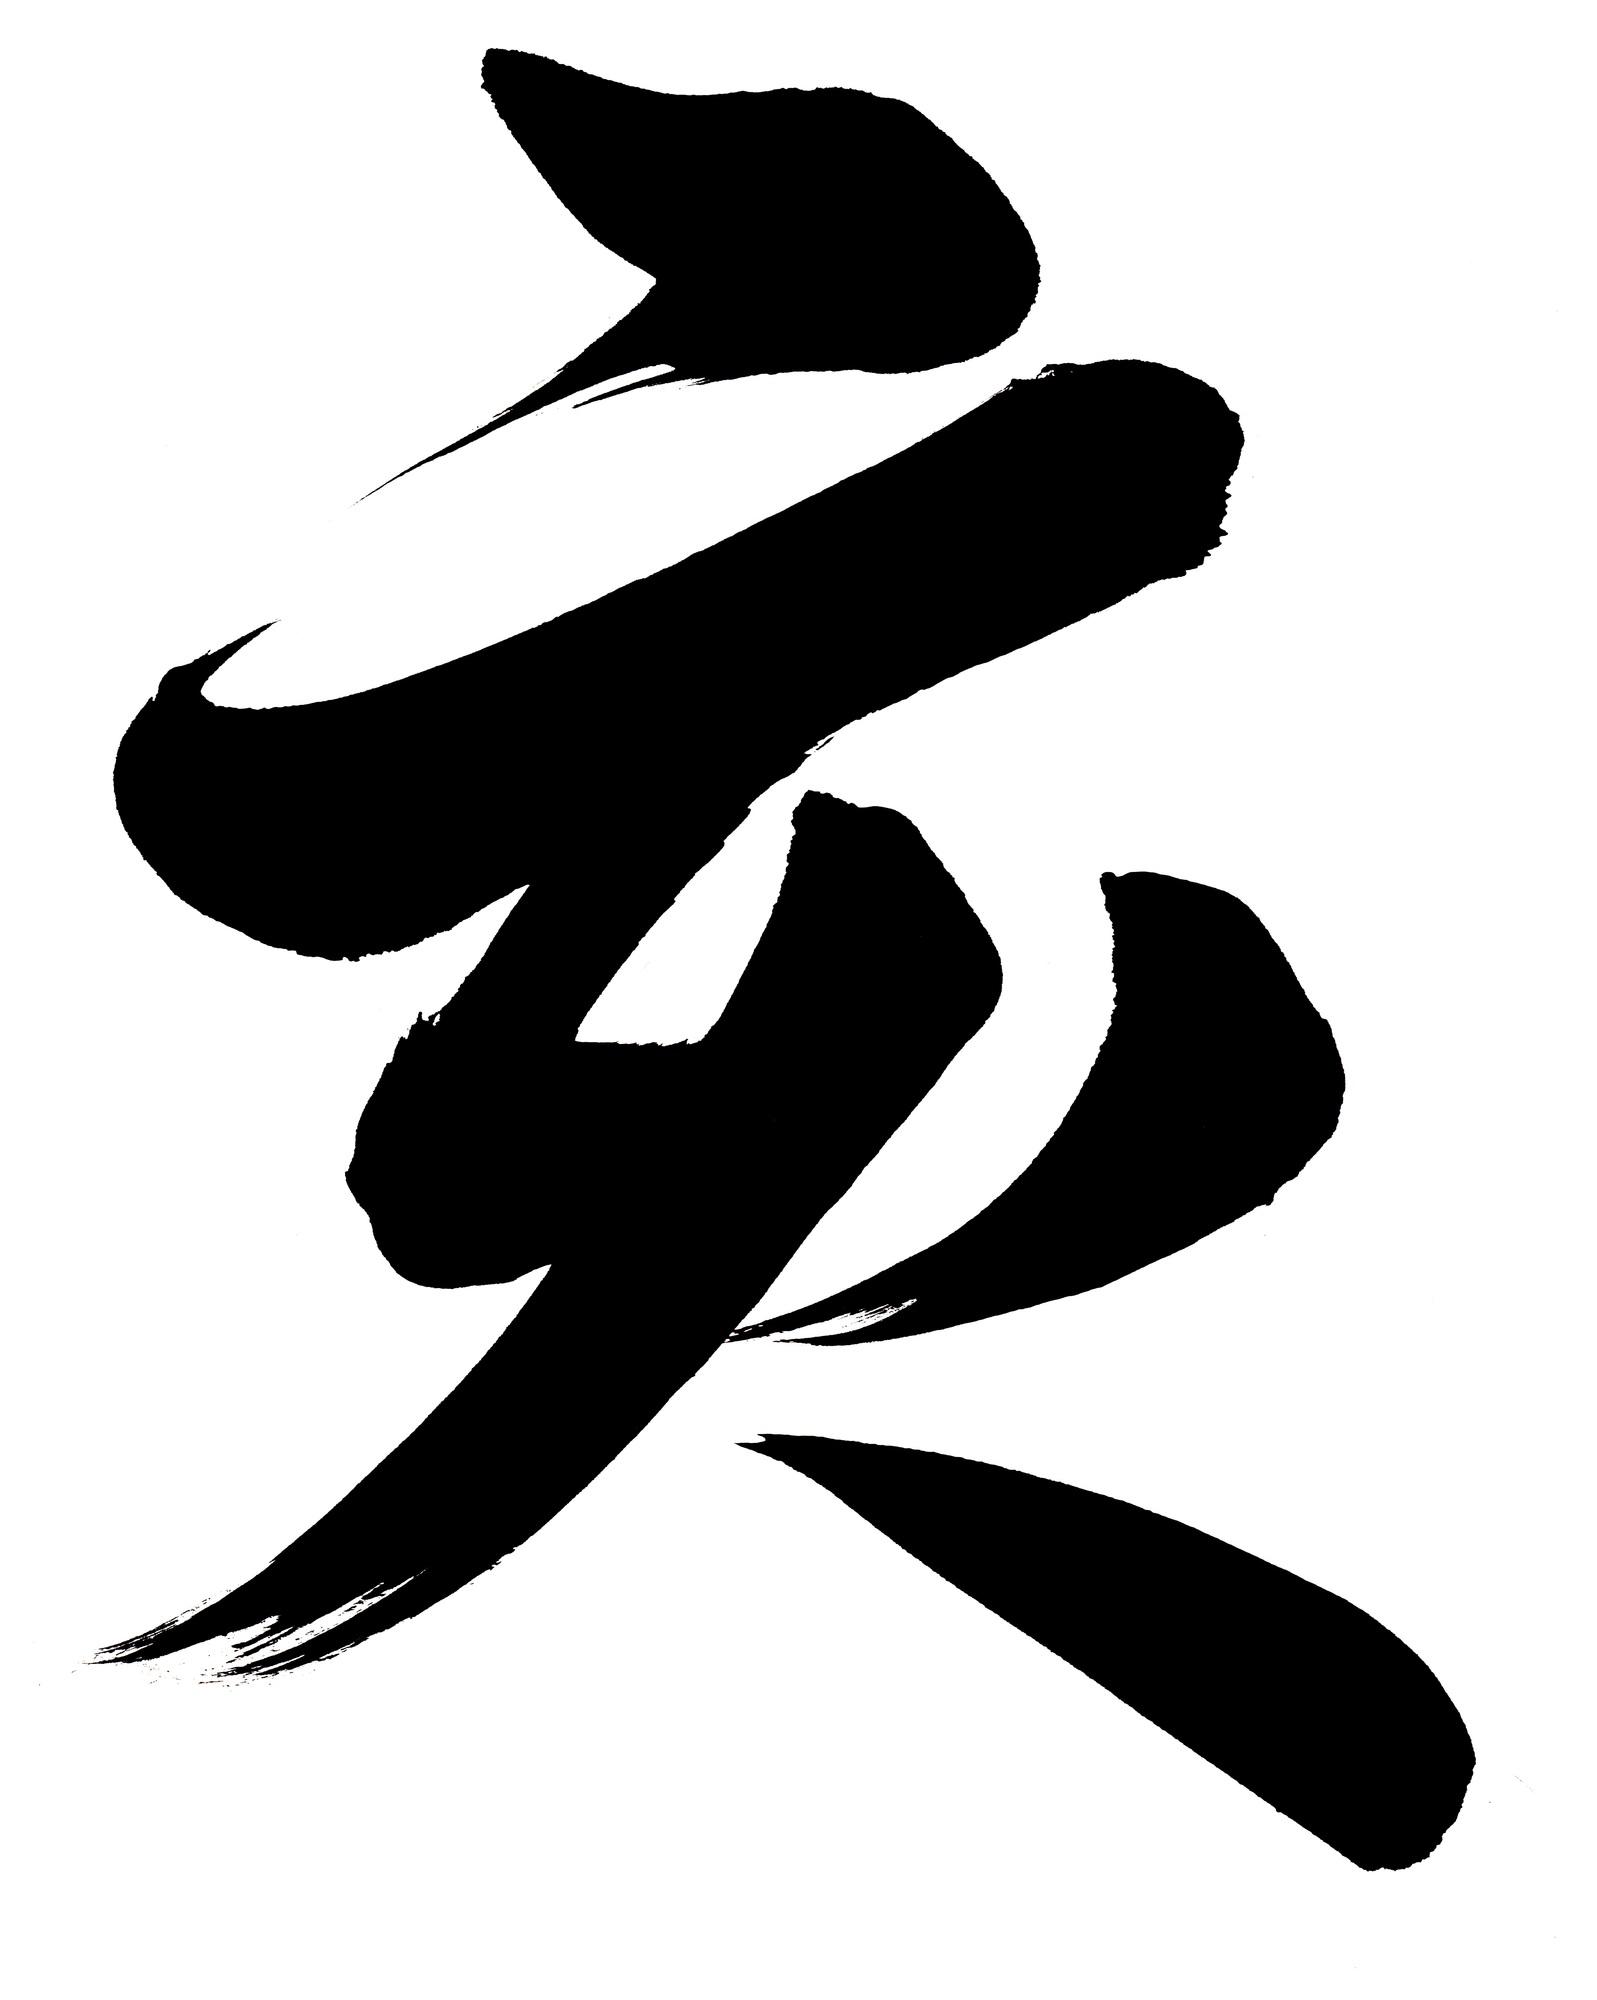 【年賀状素材の注意点】2019年(平成31年 / 令和元年)は亥年(いのしし)です!